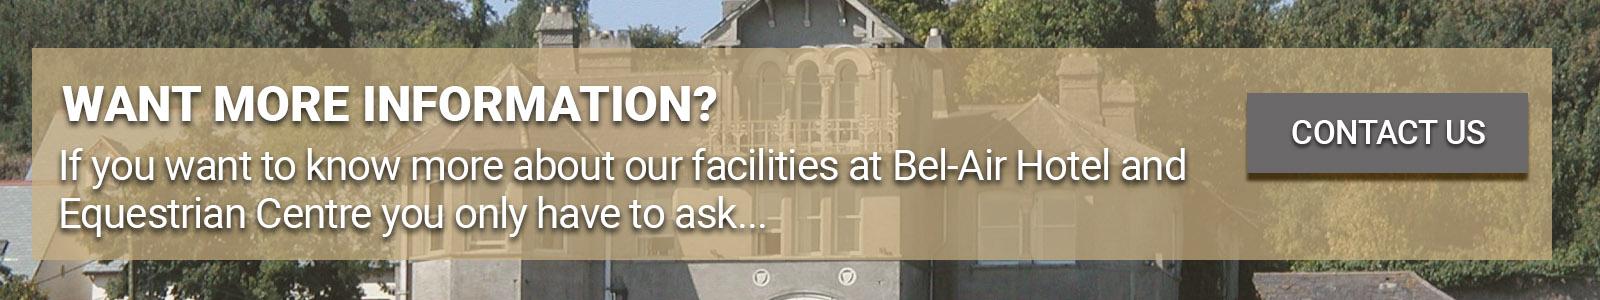 Facilities at Bel-Air Equestrian Centre